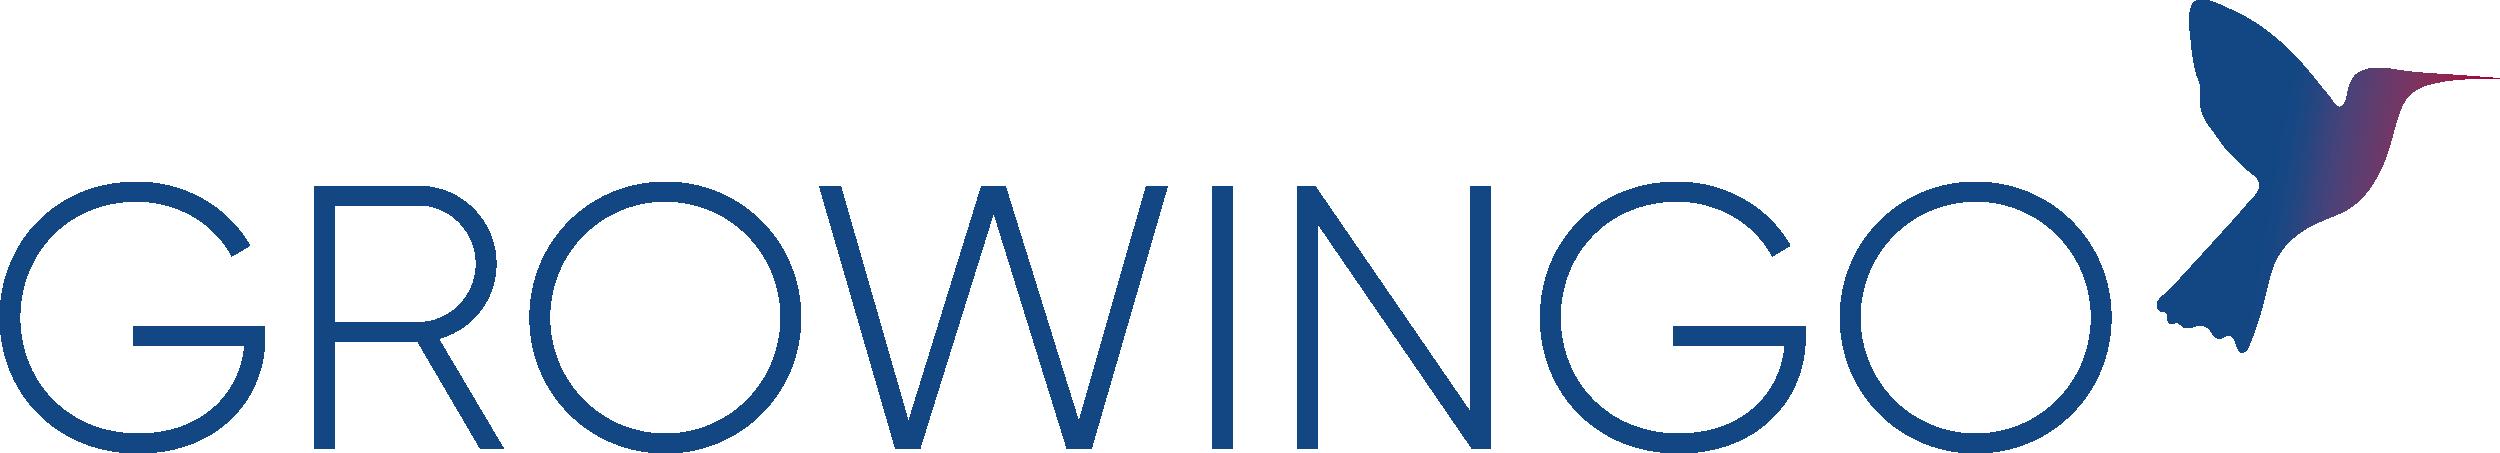 GROWINGO GmbH | Geschäftsentwicklung für Digital Leaders